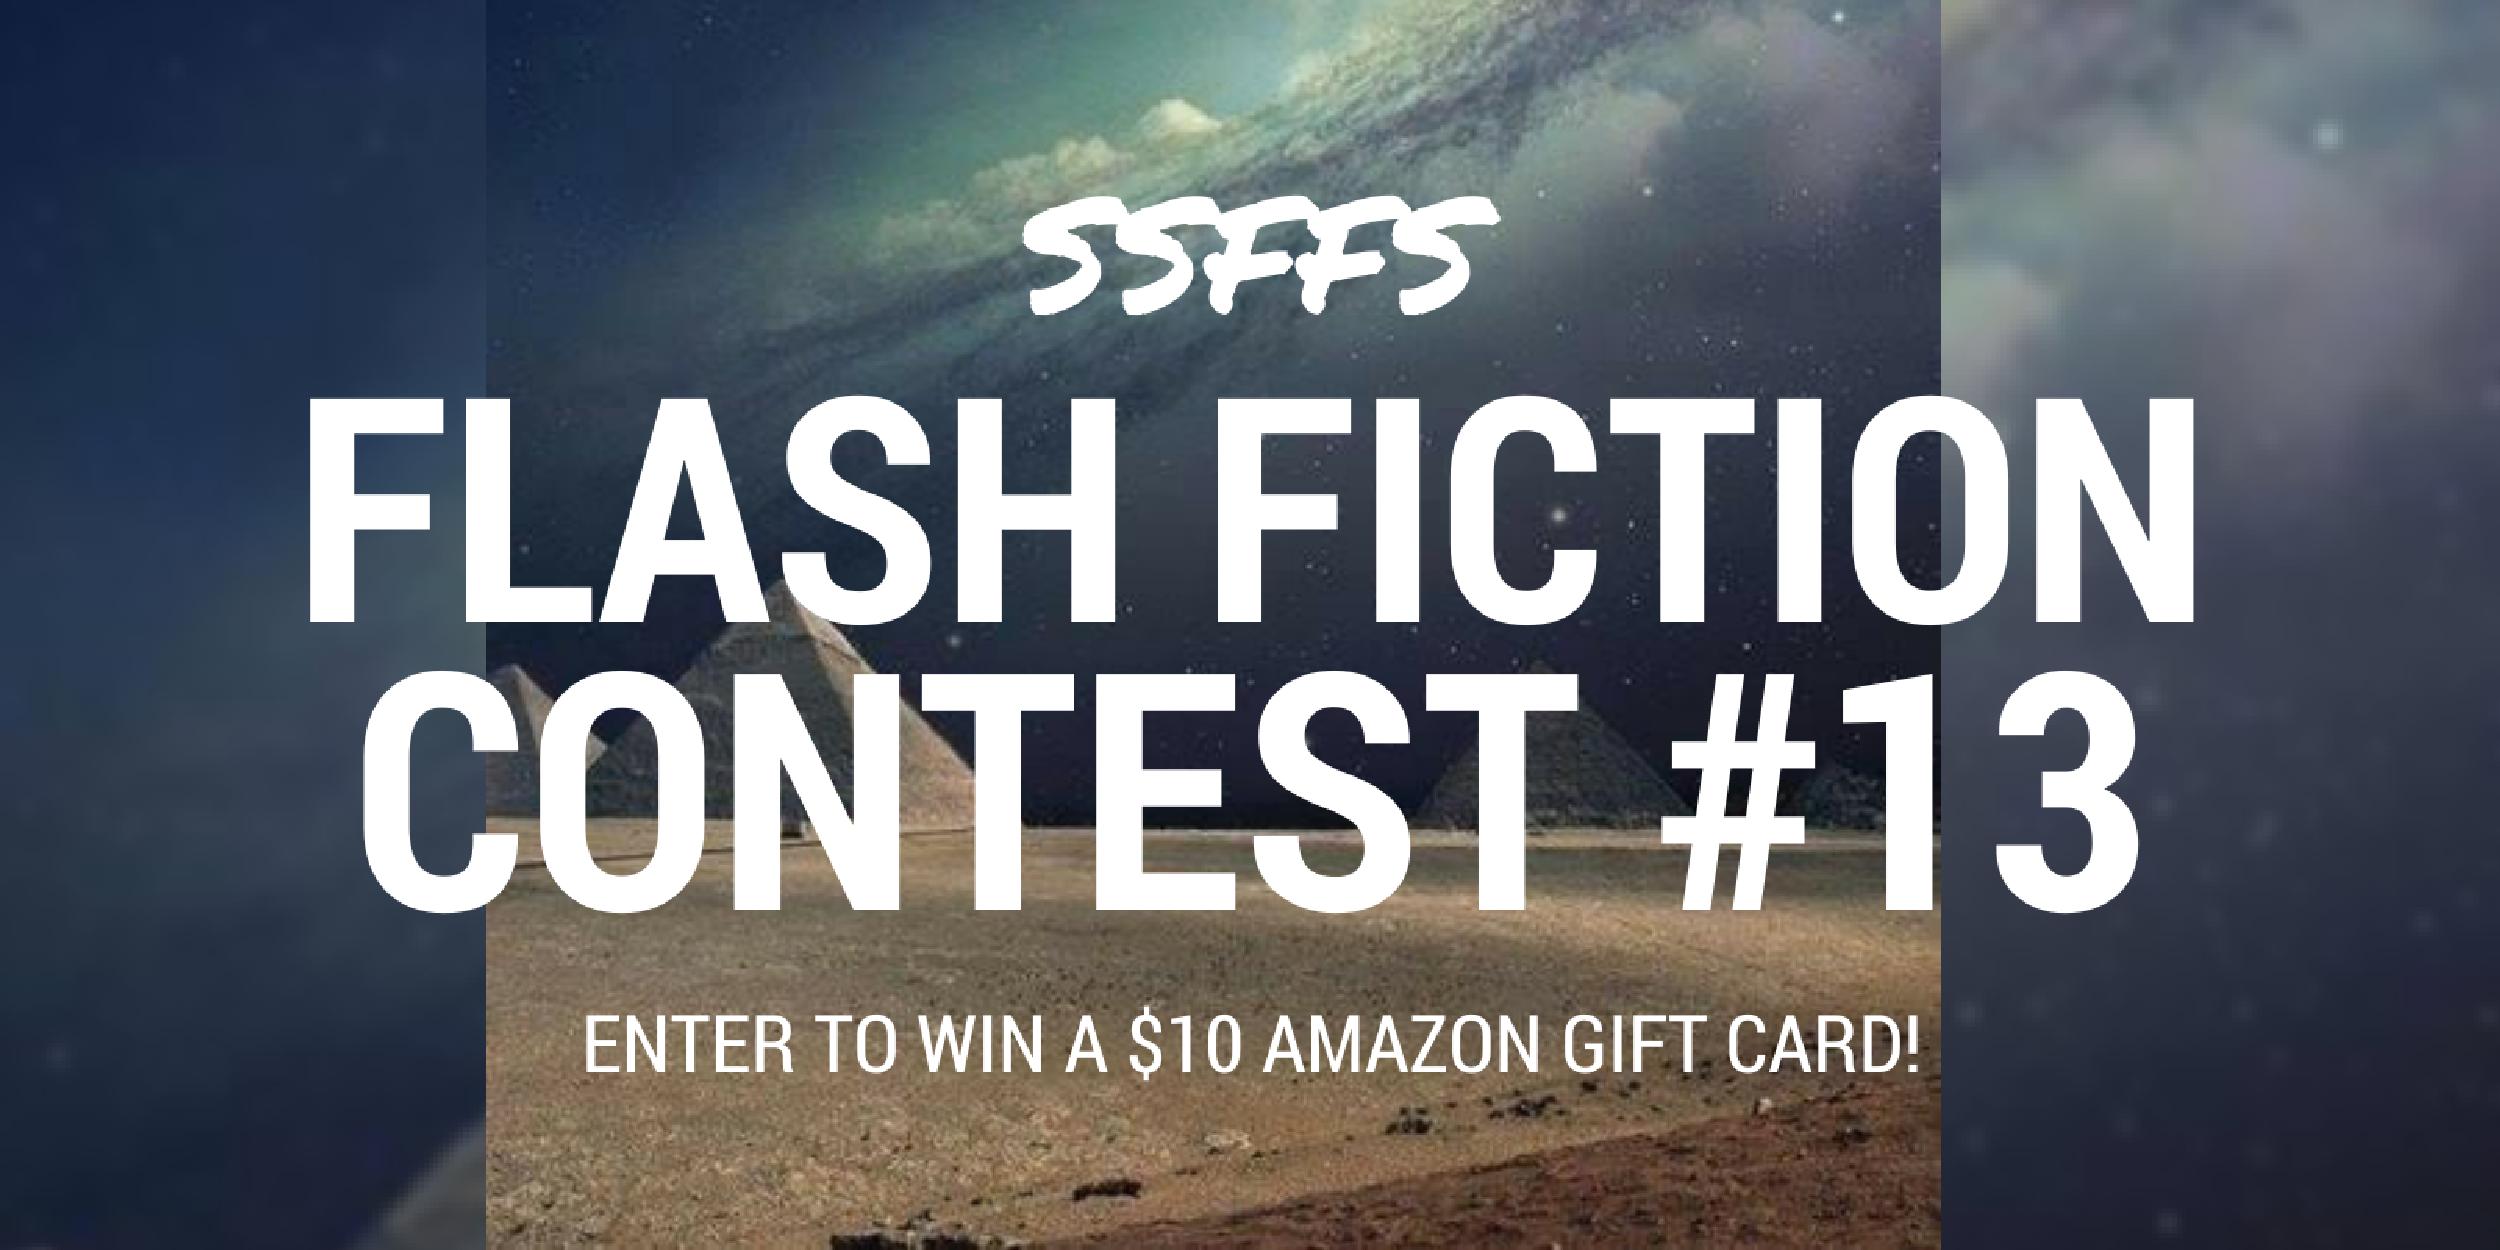 ssffs flash fiction contest 13